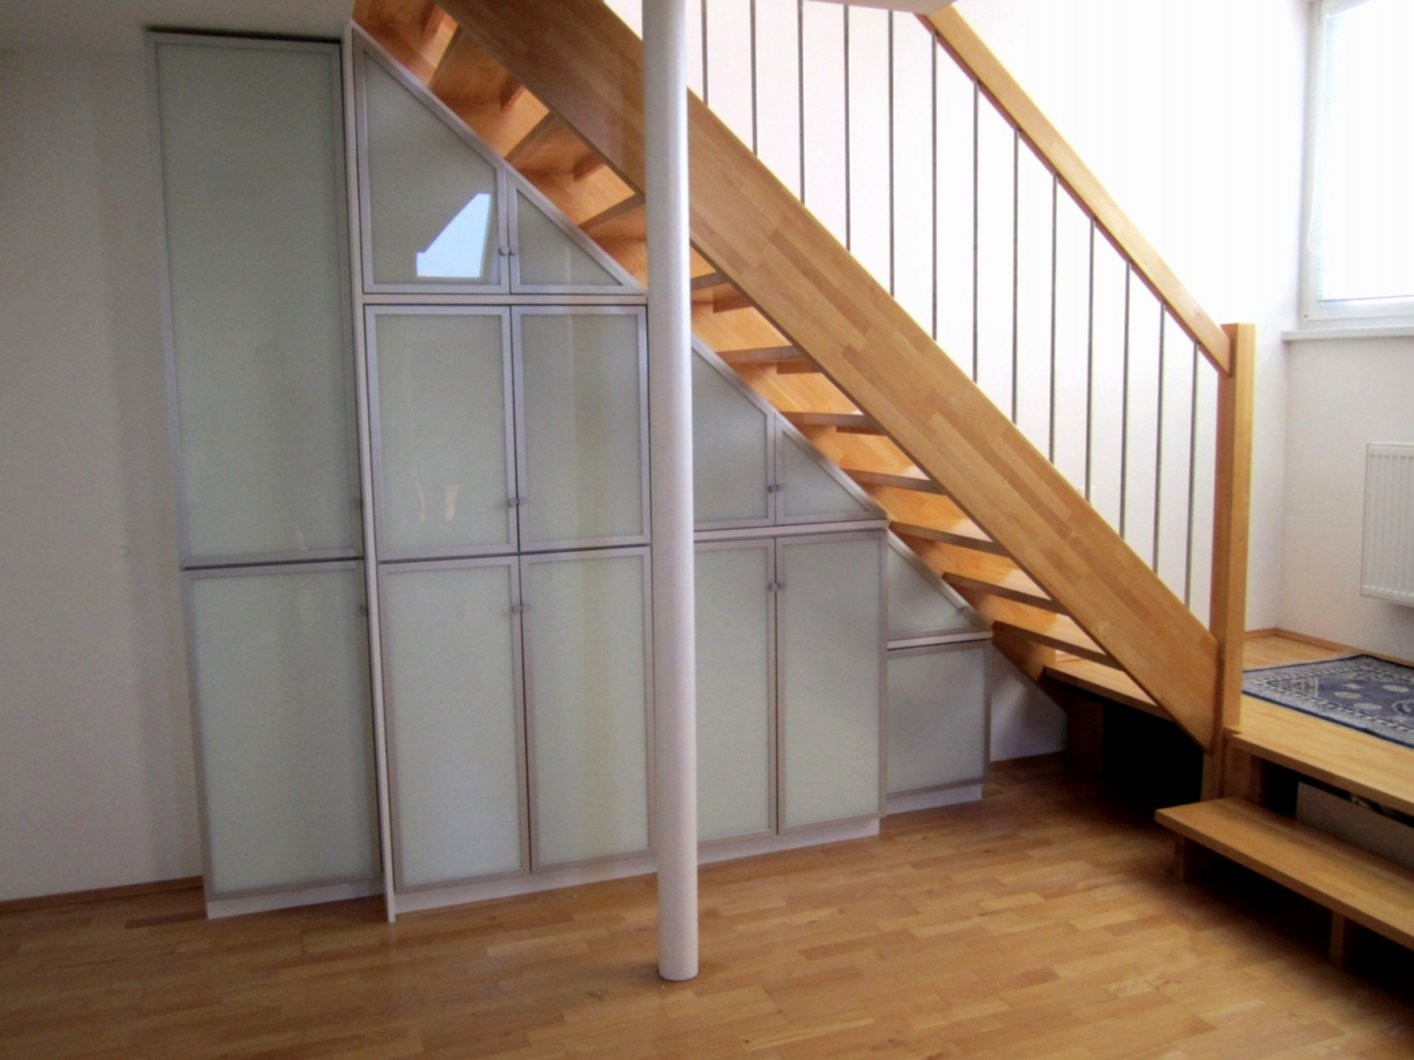 Terrasse Am Hang Bauen Terrasse Bauen Am Hang Luxury Holz Gel Für von Außentreppe Selber Bauen Holz Bild